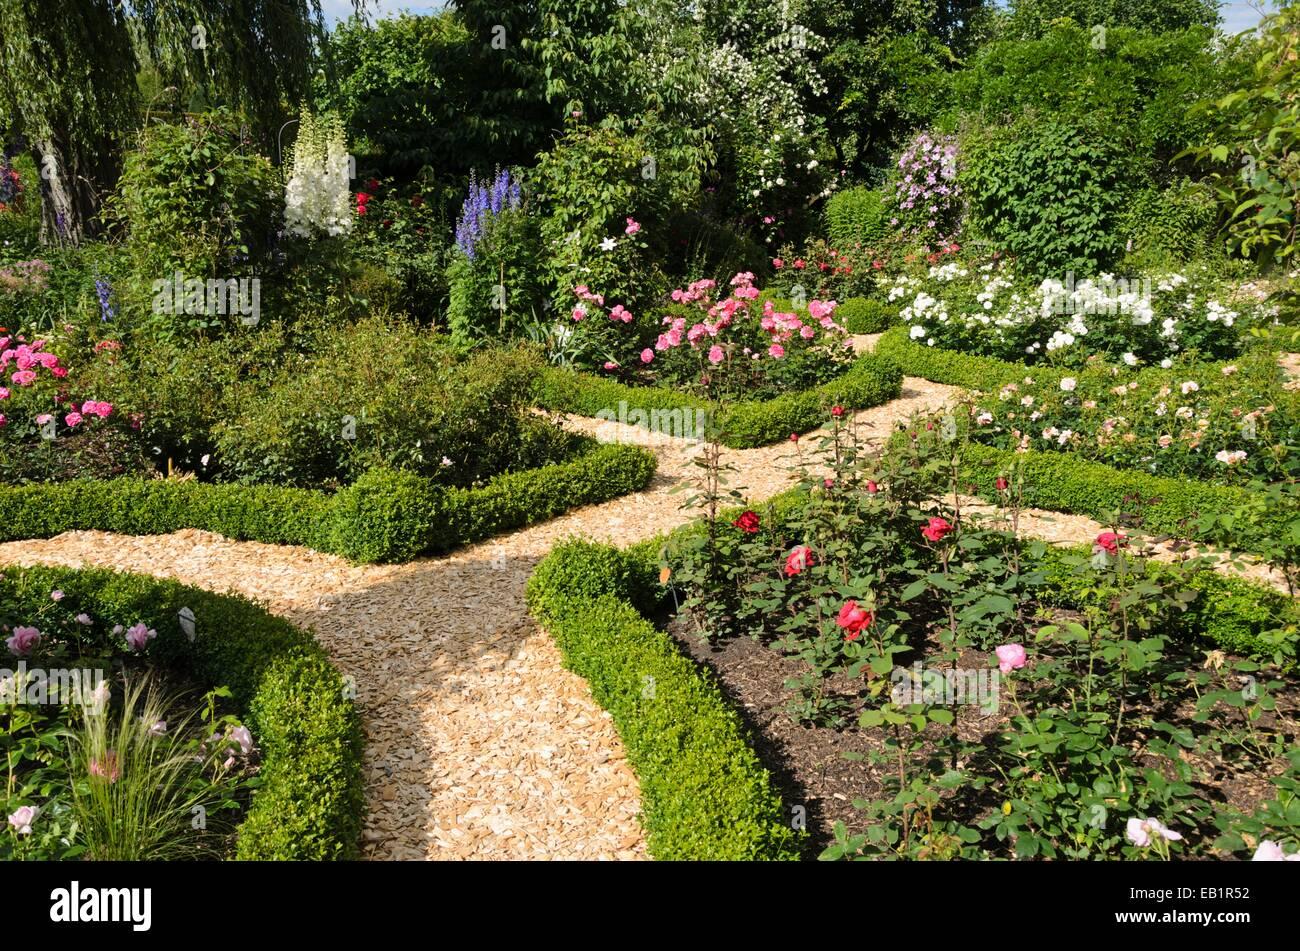 rose garden design. Boxwood hedges in a rose garden  Design Marianne and Detlef L dke